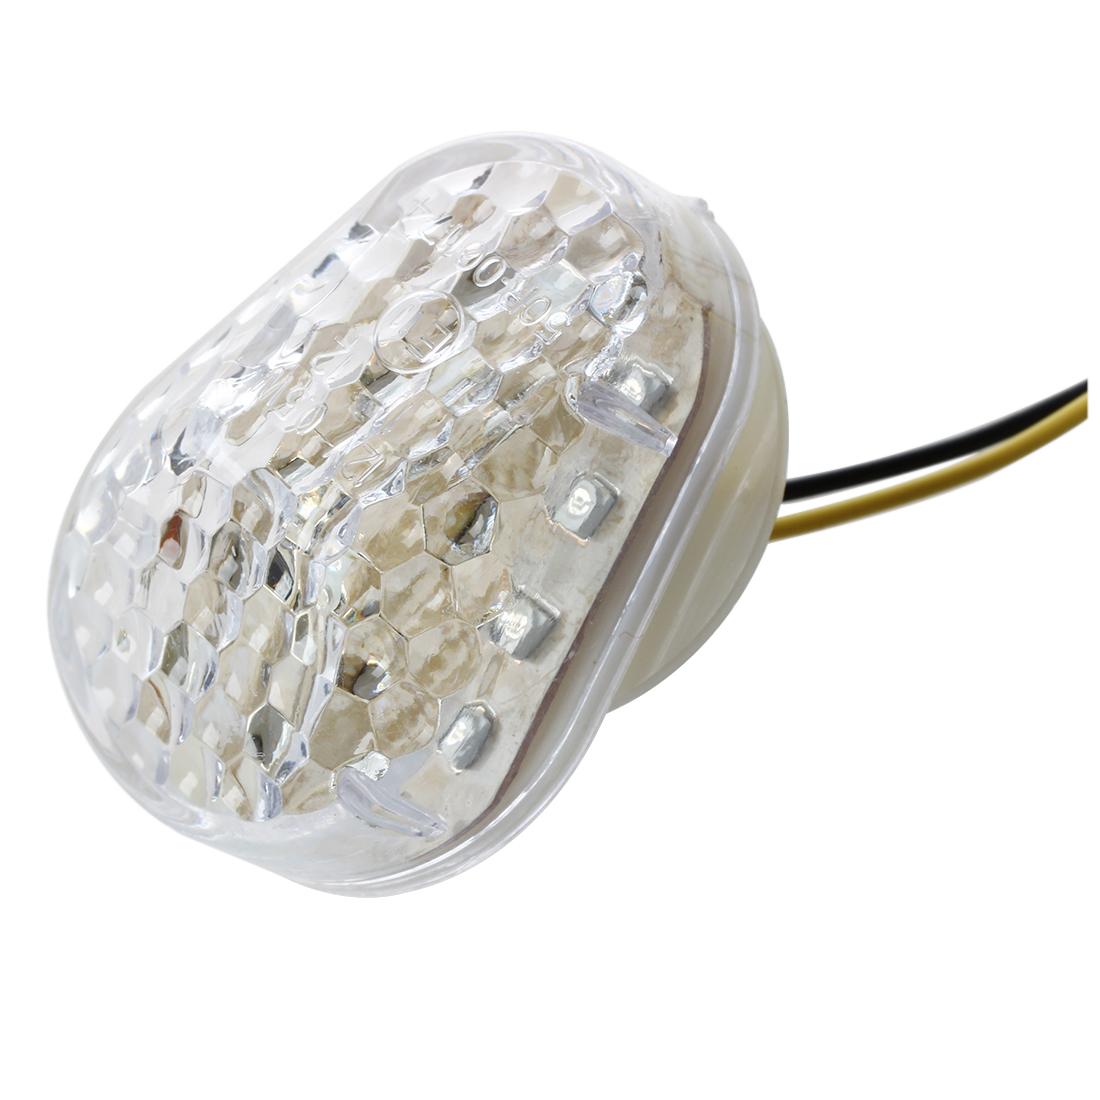 2 x feu clignotant voyant ampoule 15 leds jaune pour kawasaki moto motocycl hkp2 ebay. Black Bedroom Furniture Sets. Home Design Ideas